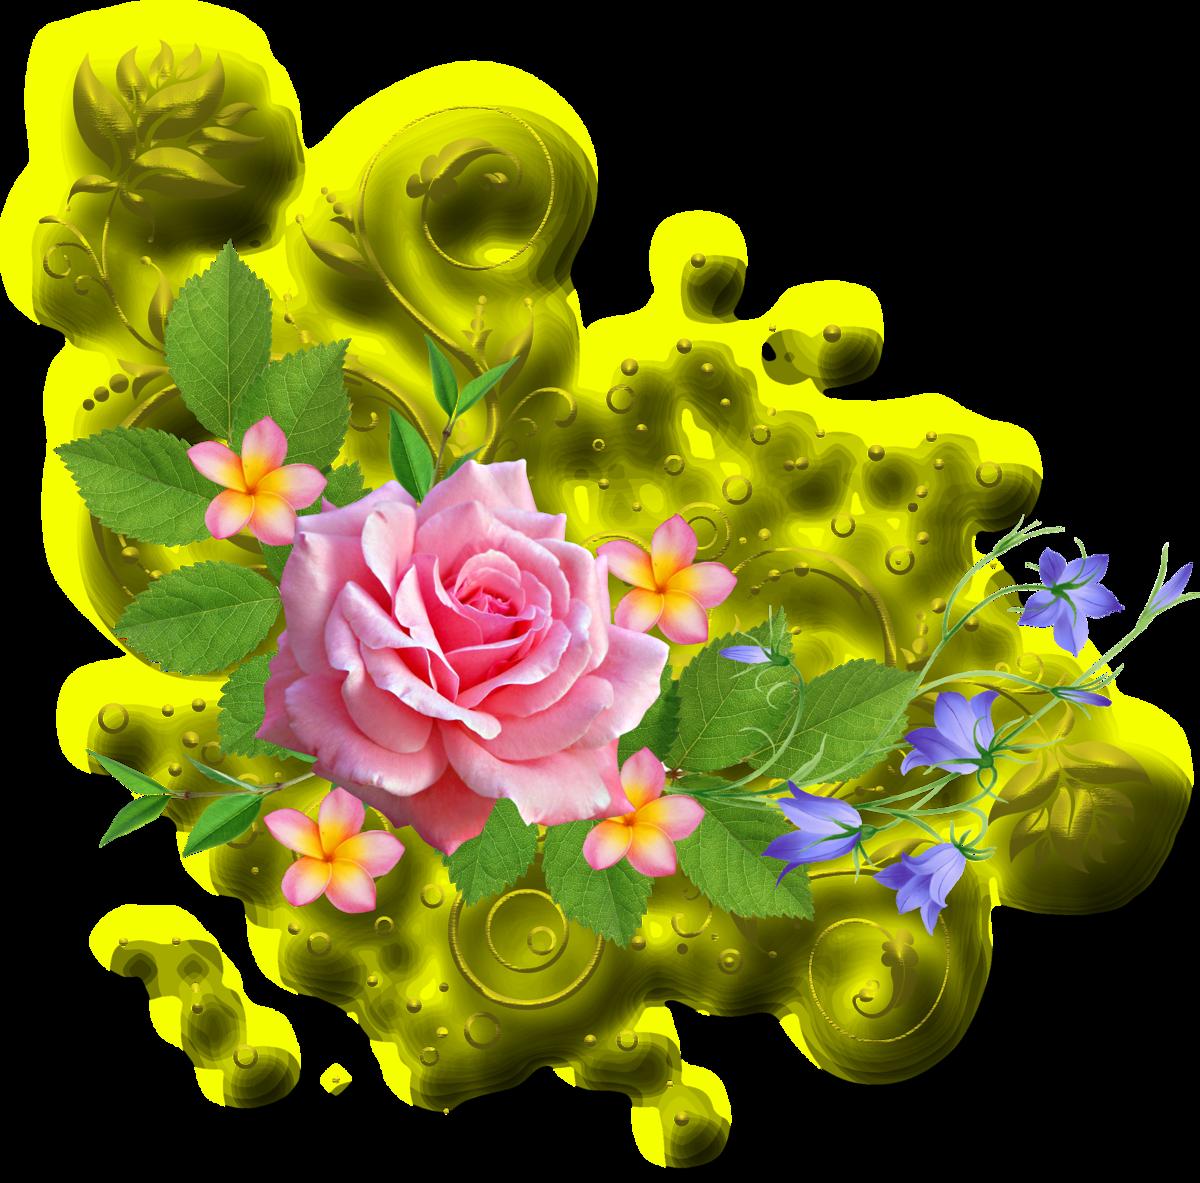 Открытка виньетки из цветов, юбилей своими руками